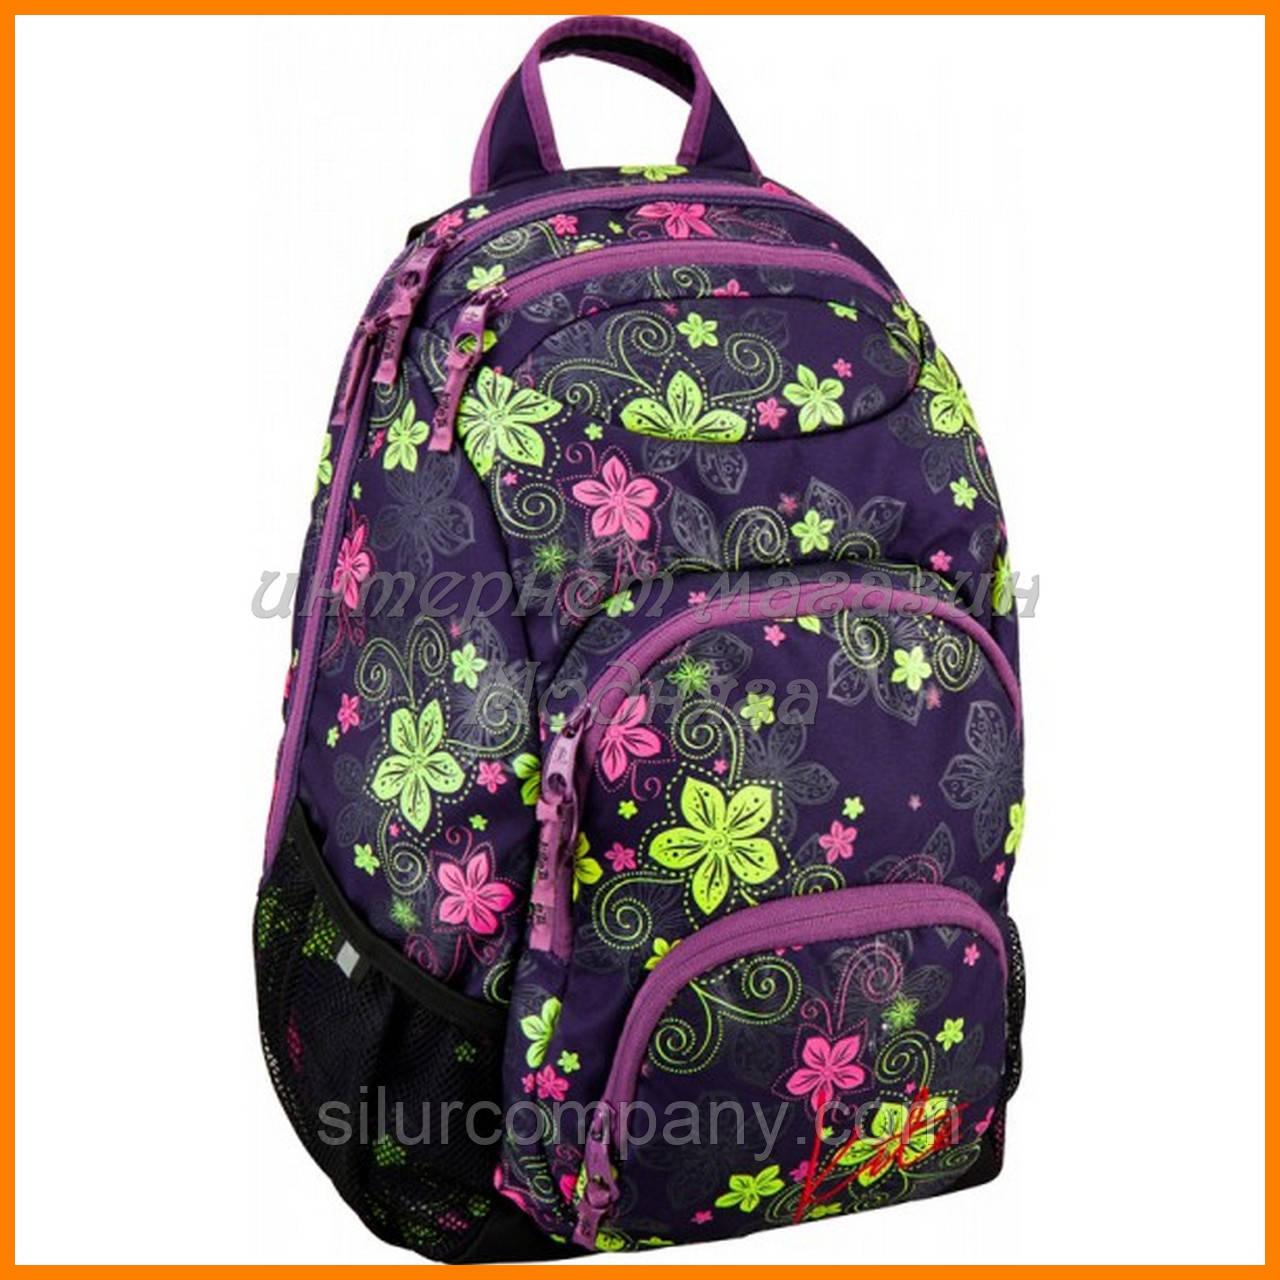 Ортопедические рюкзаки для школьников цена распродажа школьные рюкзаки 1класс